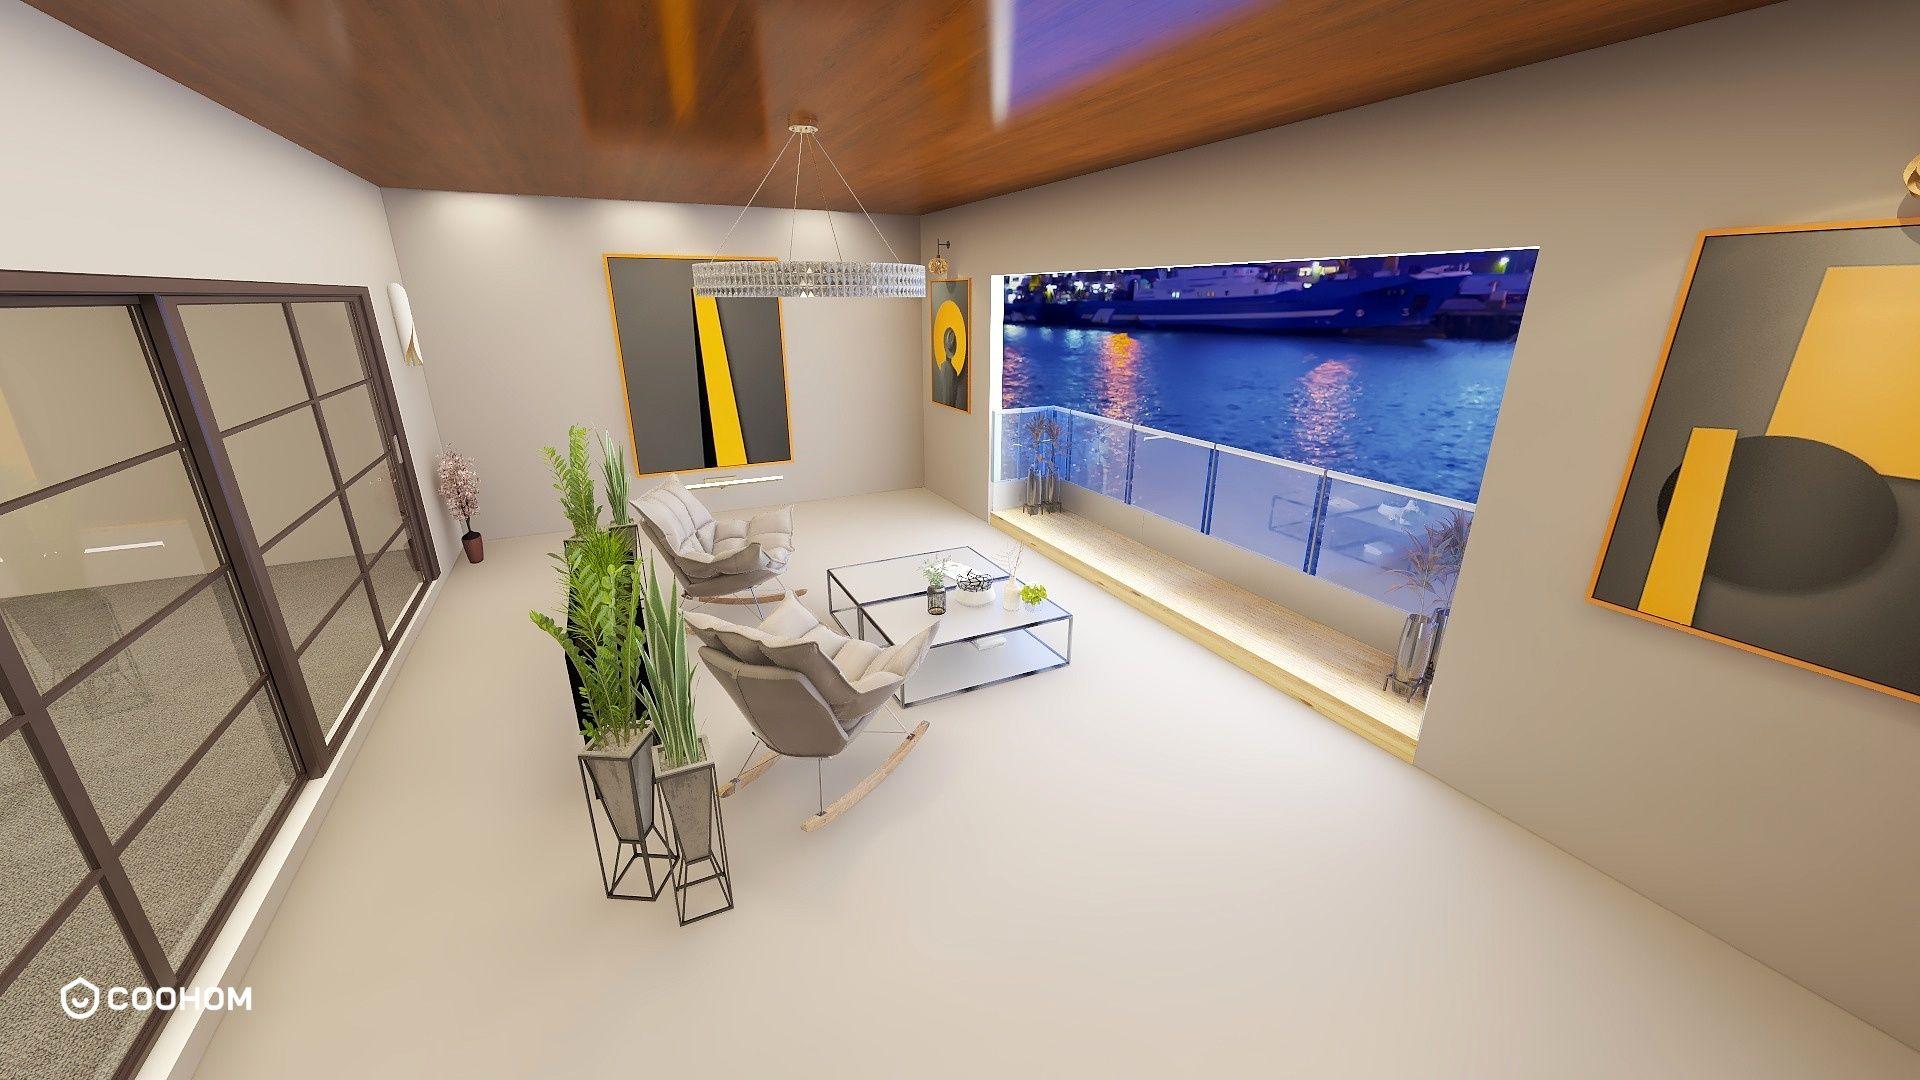 Balcony Design Learn Interior Design Design Balcony Design